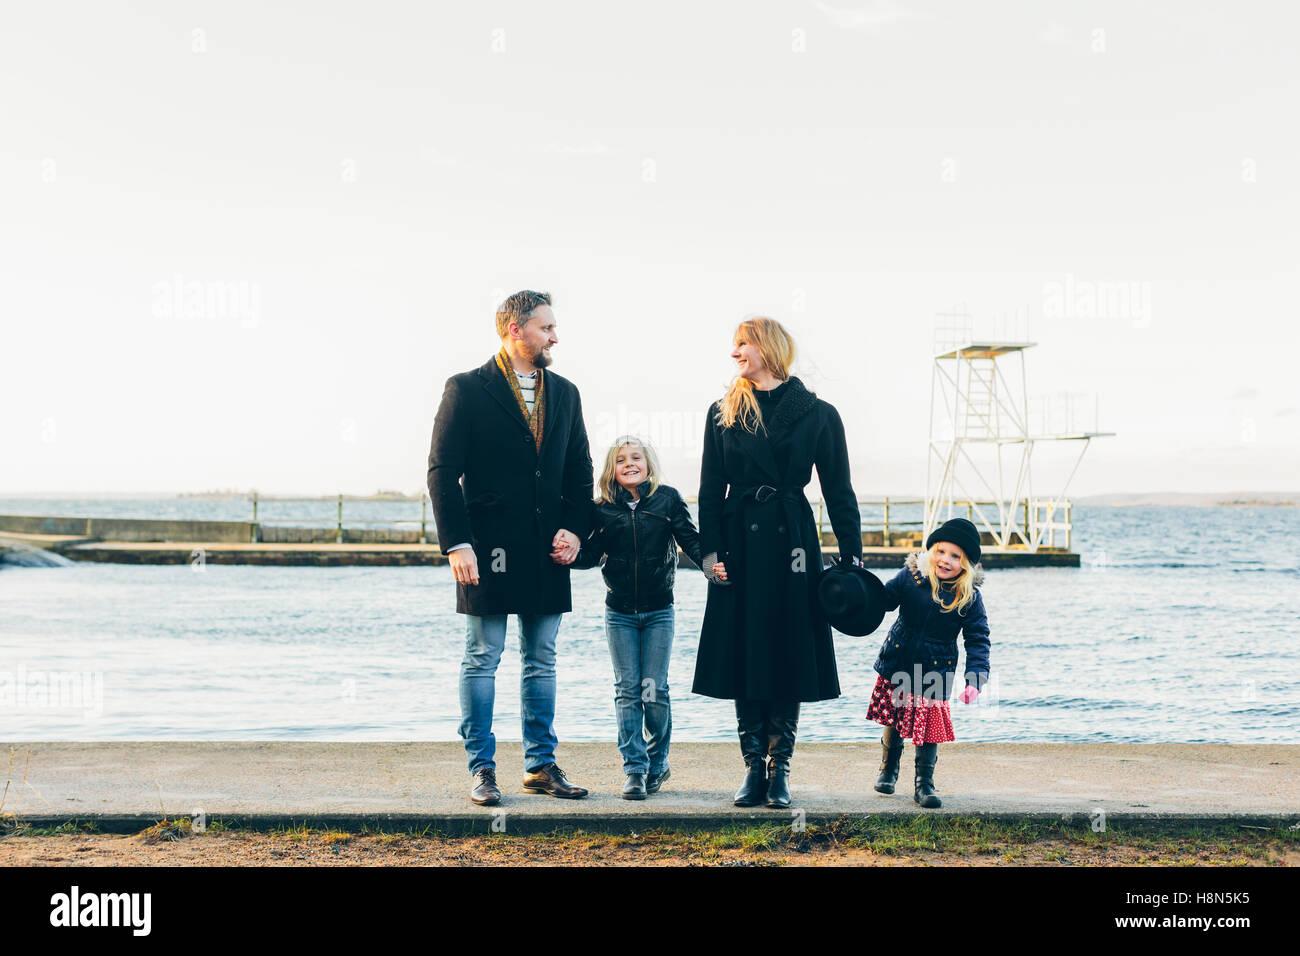 Los padres con su hija (4-5) y su hijo (8-9) por mar permanente Imagen De Stock